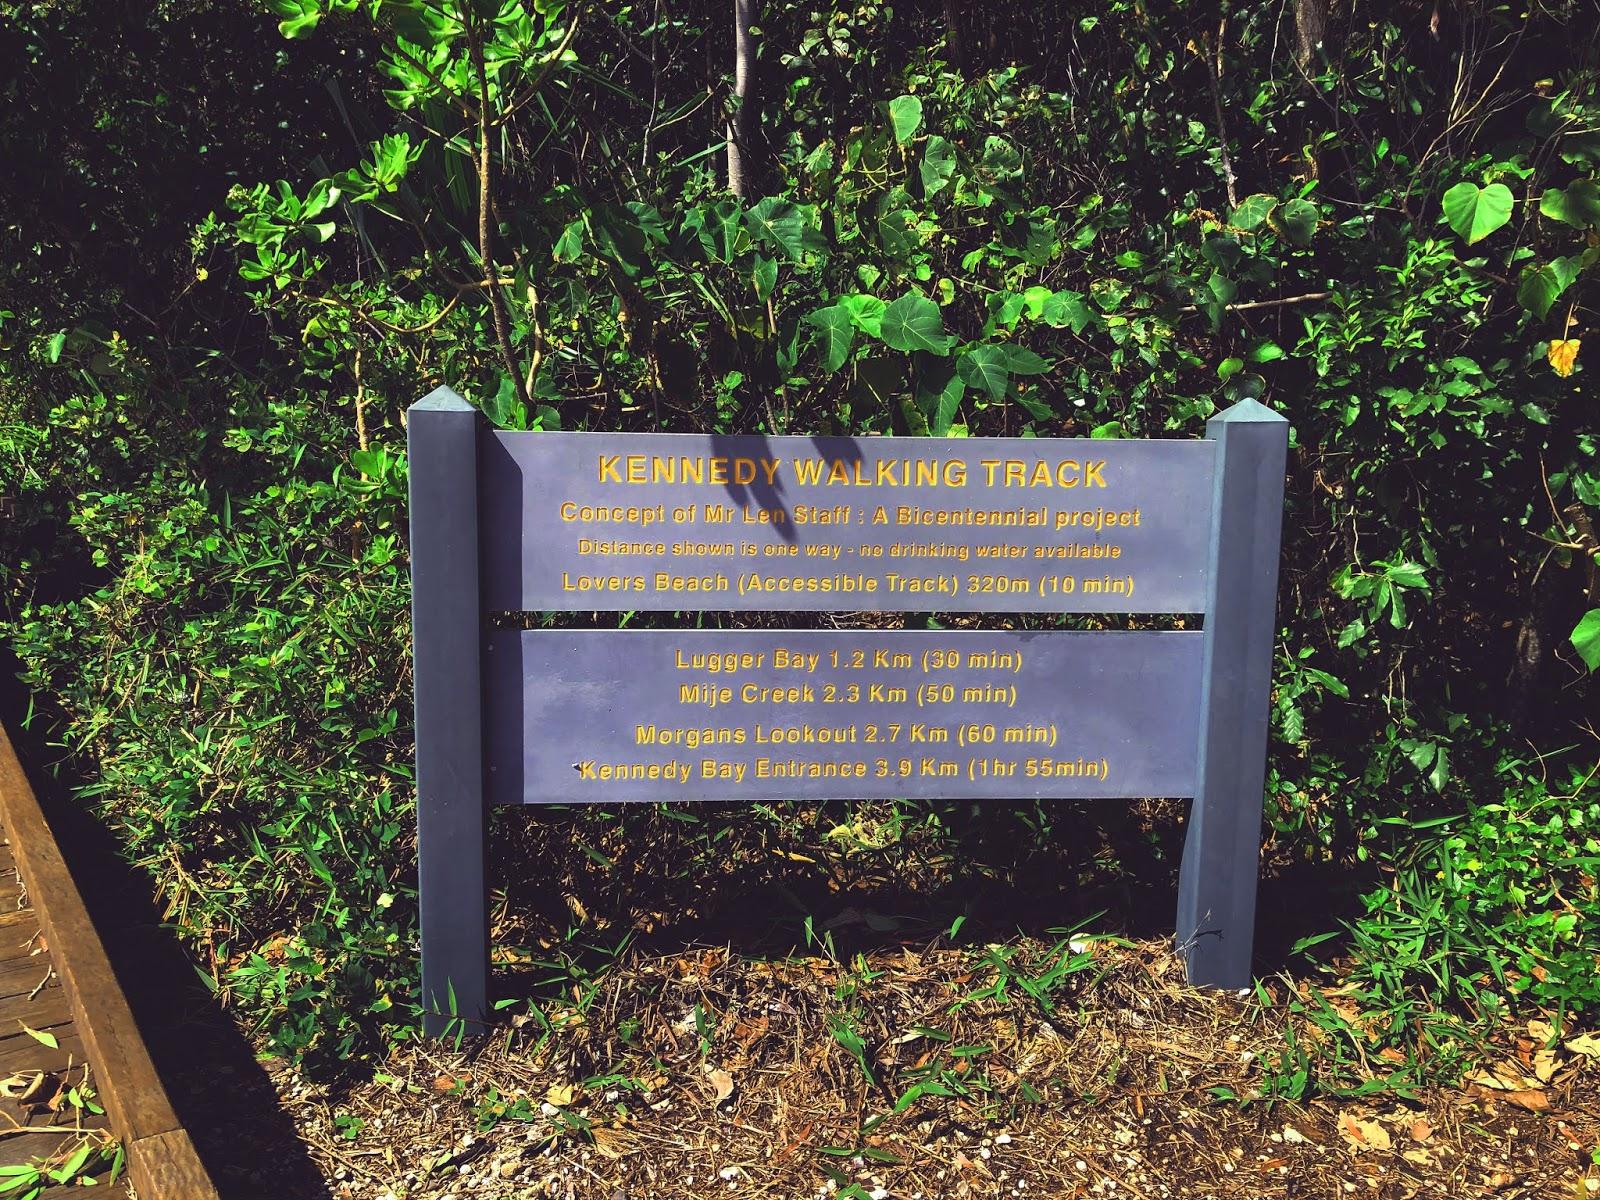 Zdjęcie drewnianej tablicy w australijskim miasteczku Mission Beach, która informuje o tym, że znajdujemy się na początku drewnianej ścieżki Kennedy Walking Track, która znajduje się tuż obok Morza Koralowego.